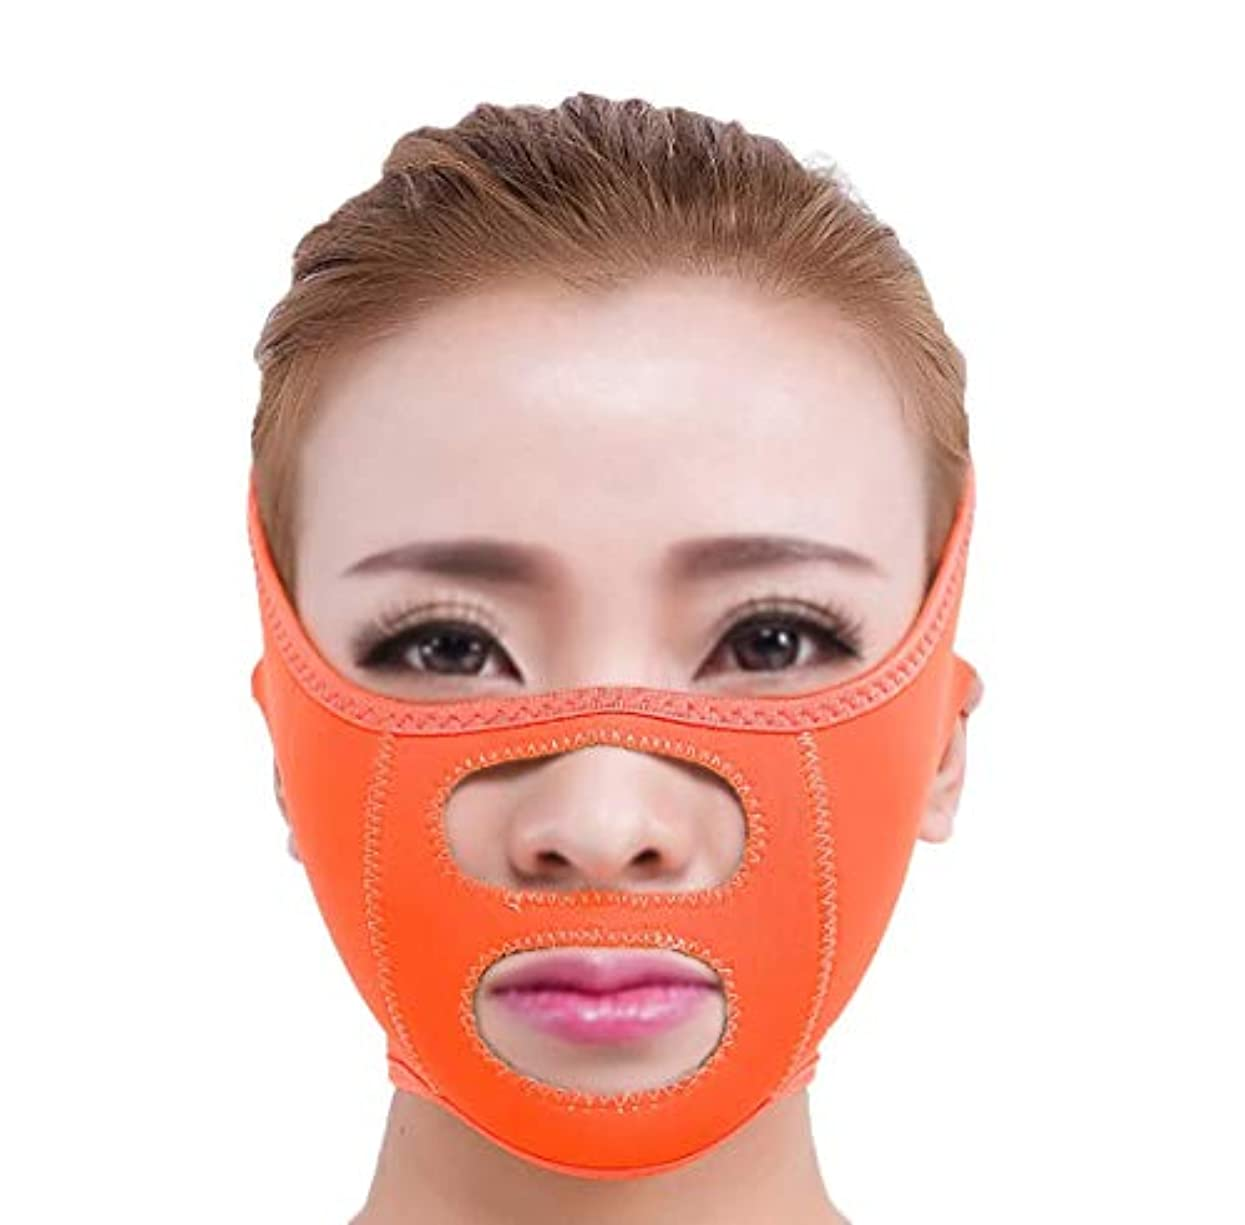 変換する願う森スモールフェイスツールVフェイス包帯フェイシャルリフティングフェイシャルマッサージャー美容通気性マスクVフェイスマスク睡眠薄い顔でオレンジ